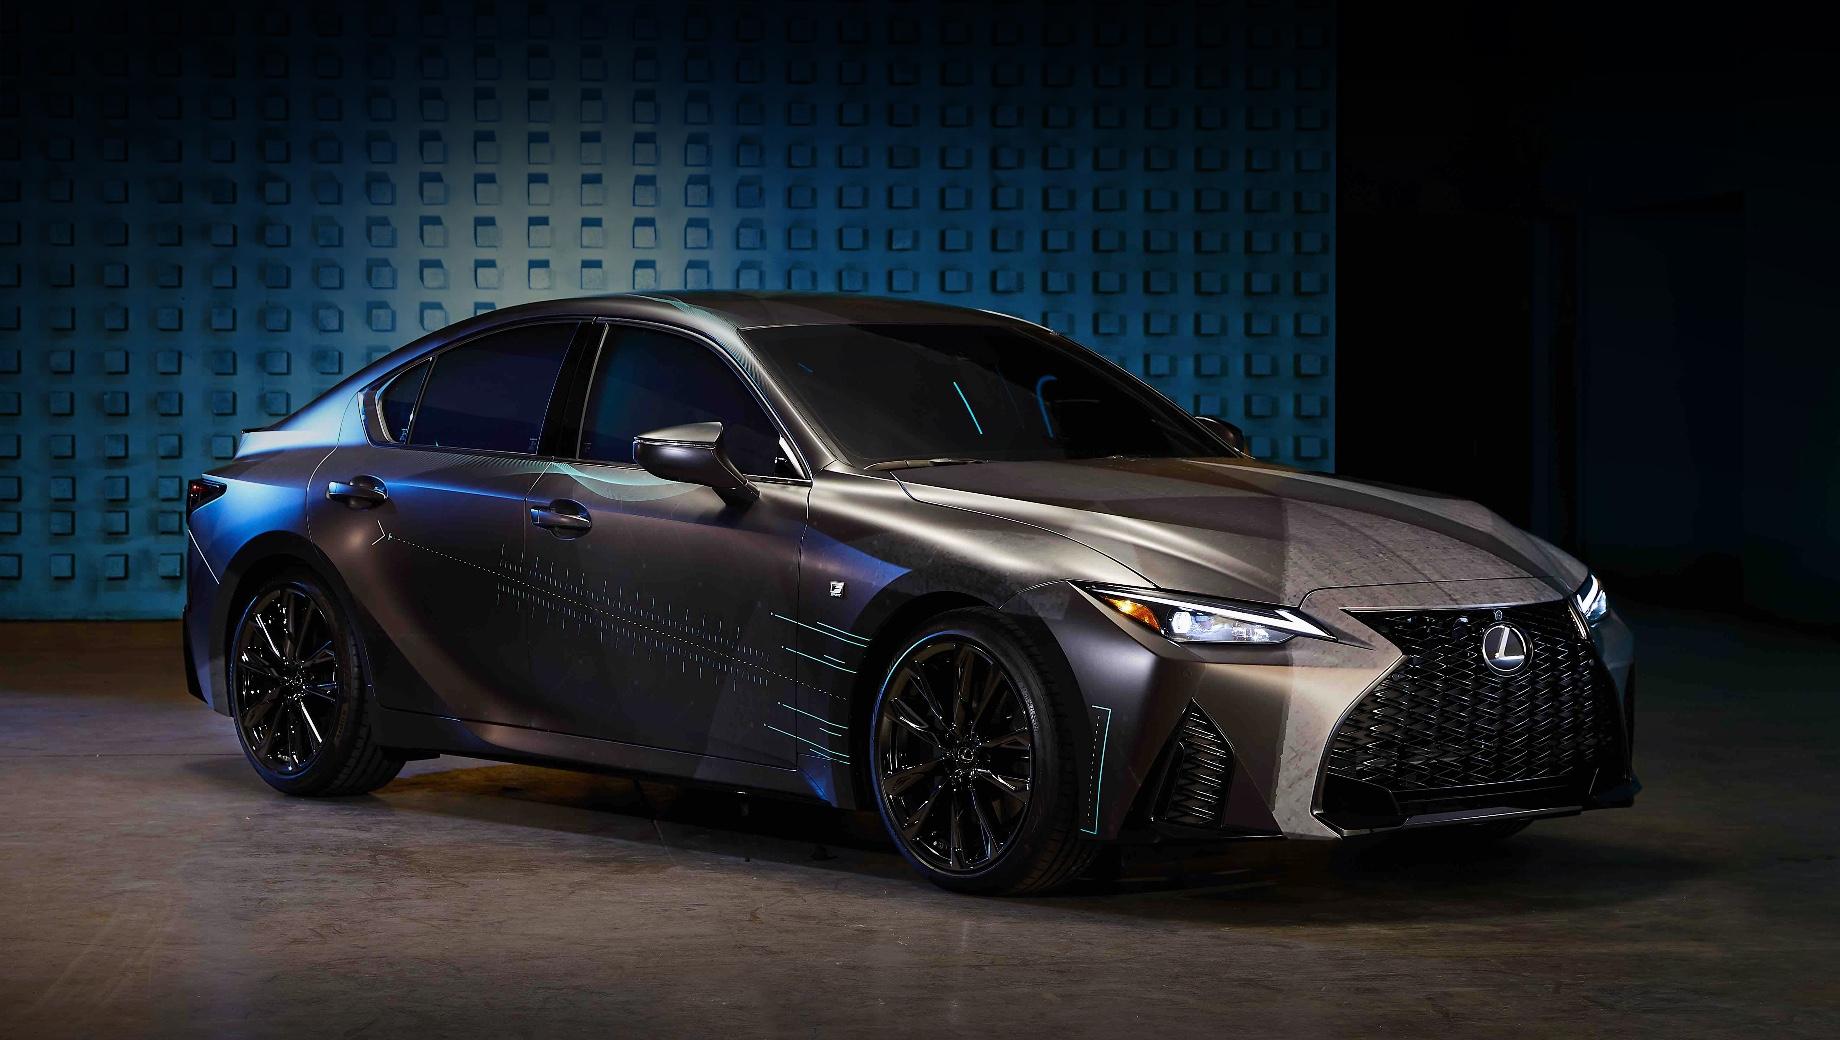 Lexus is,Lexus gamers' is. Исполнение F-Sport предполагает наличие уникальных бамперов, решётки радиатора, спойлера и 19-дюймовых колёс. Кузов обтянут плёнкой Infiltrate, за которую проголосовало примерно 48% пользователей. Помощь в реализации проекта оказывала креативная студия SCPS.